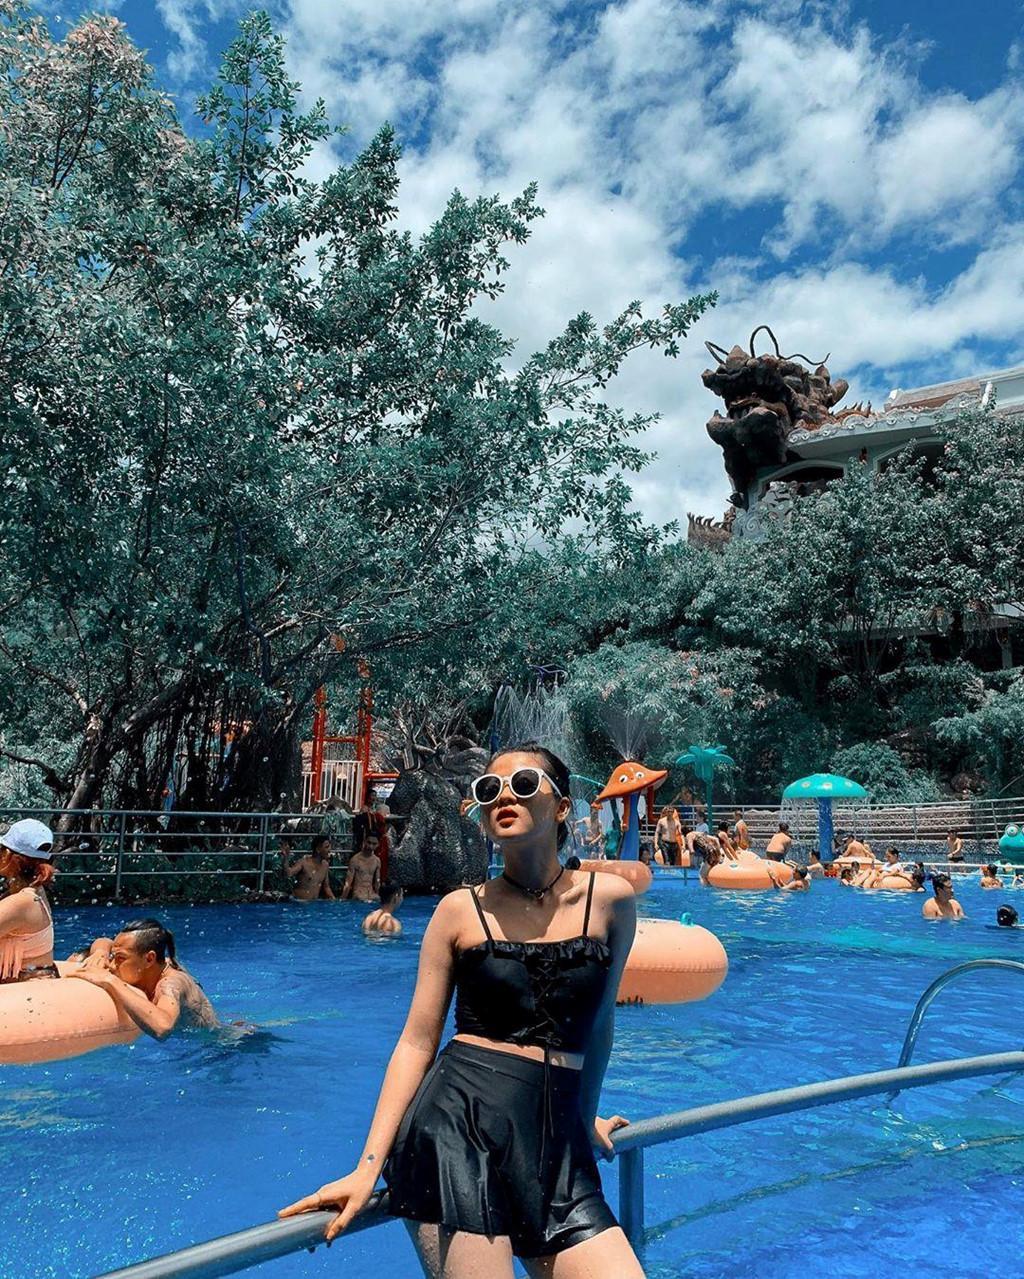 'Tắm tiên' thả ga tại suối khoáng nóng đẹp quên lối về ở Đà Nẵng Ảnh 7